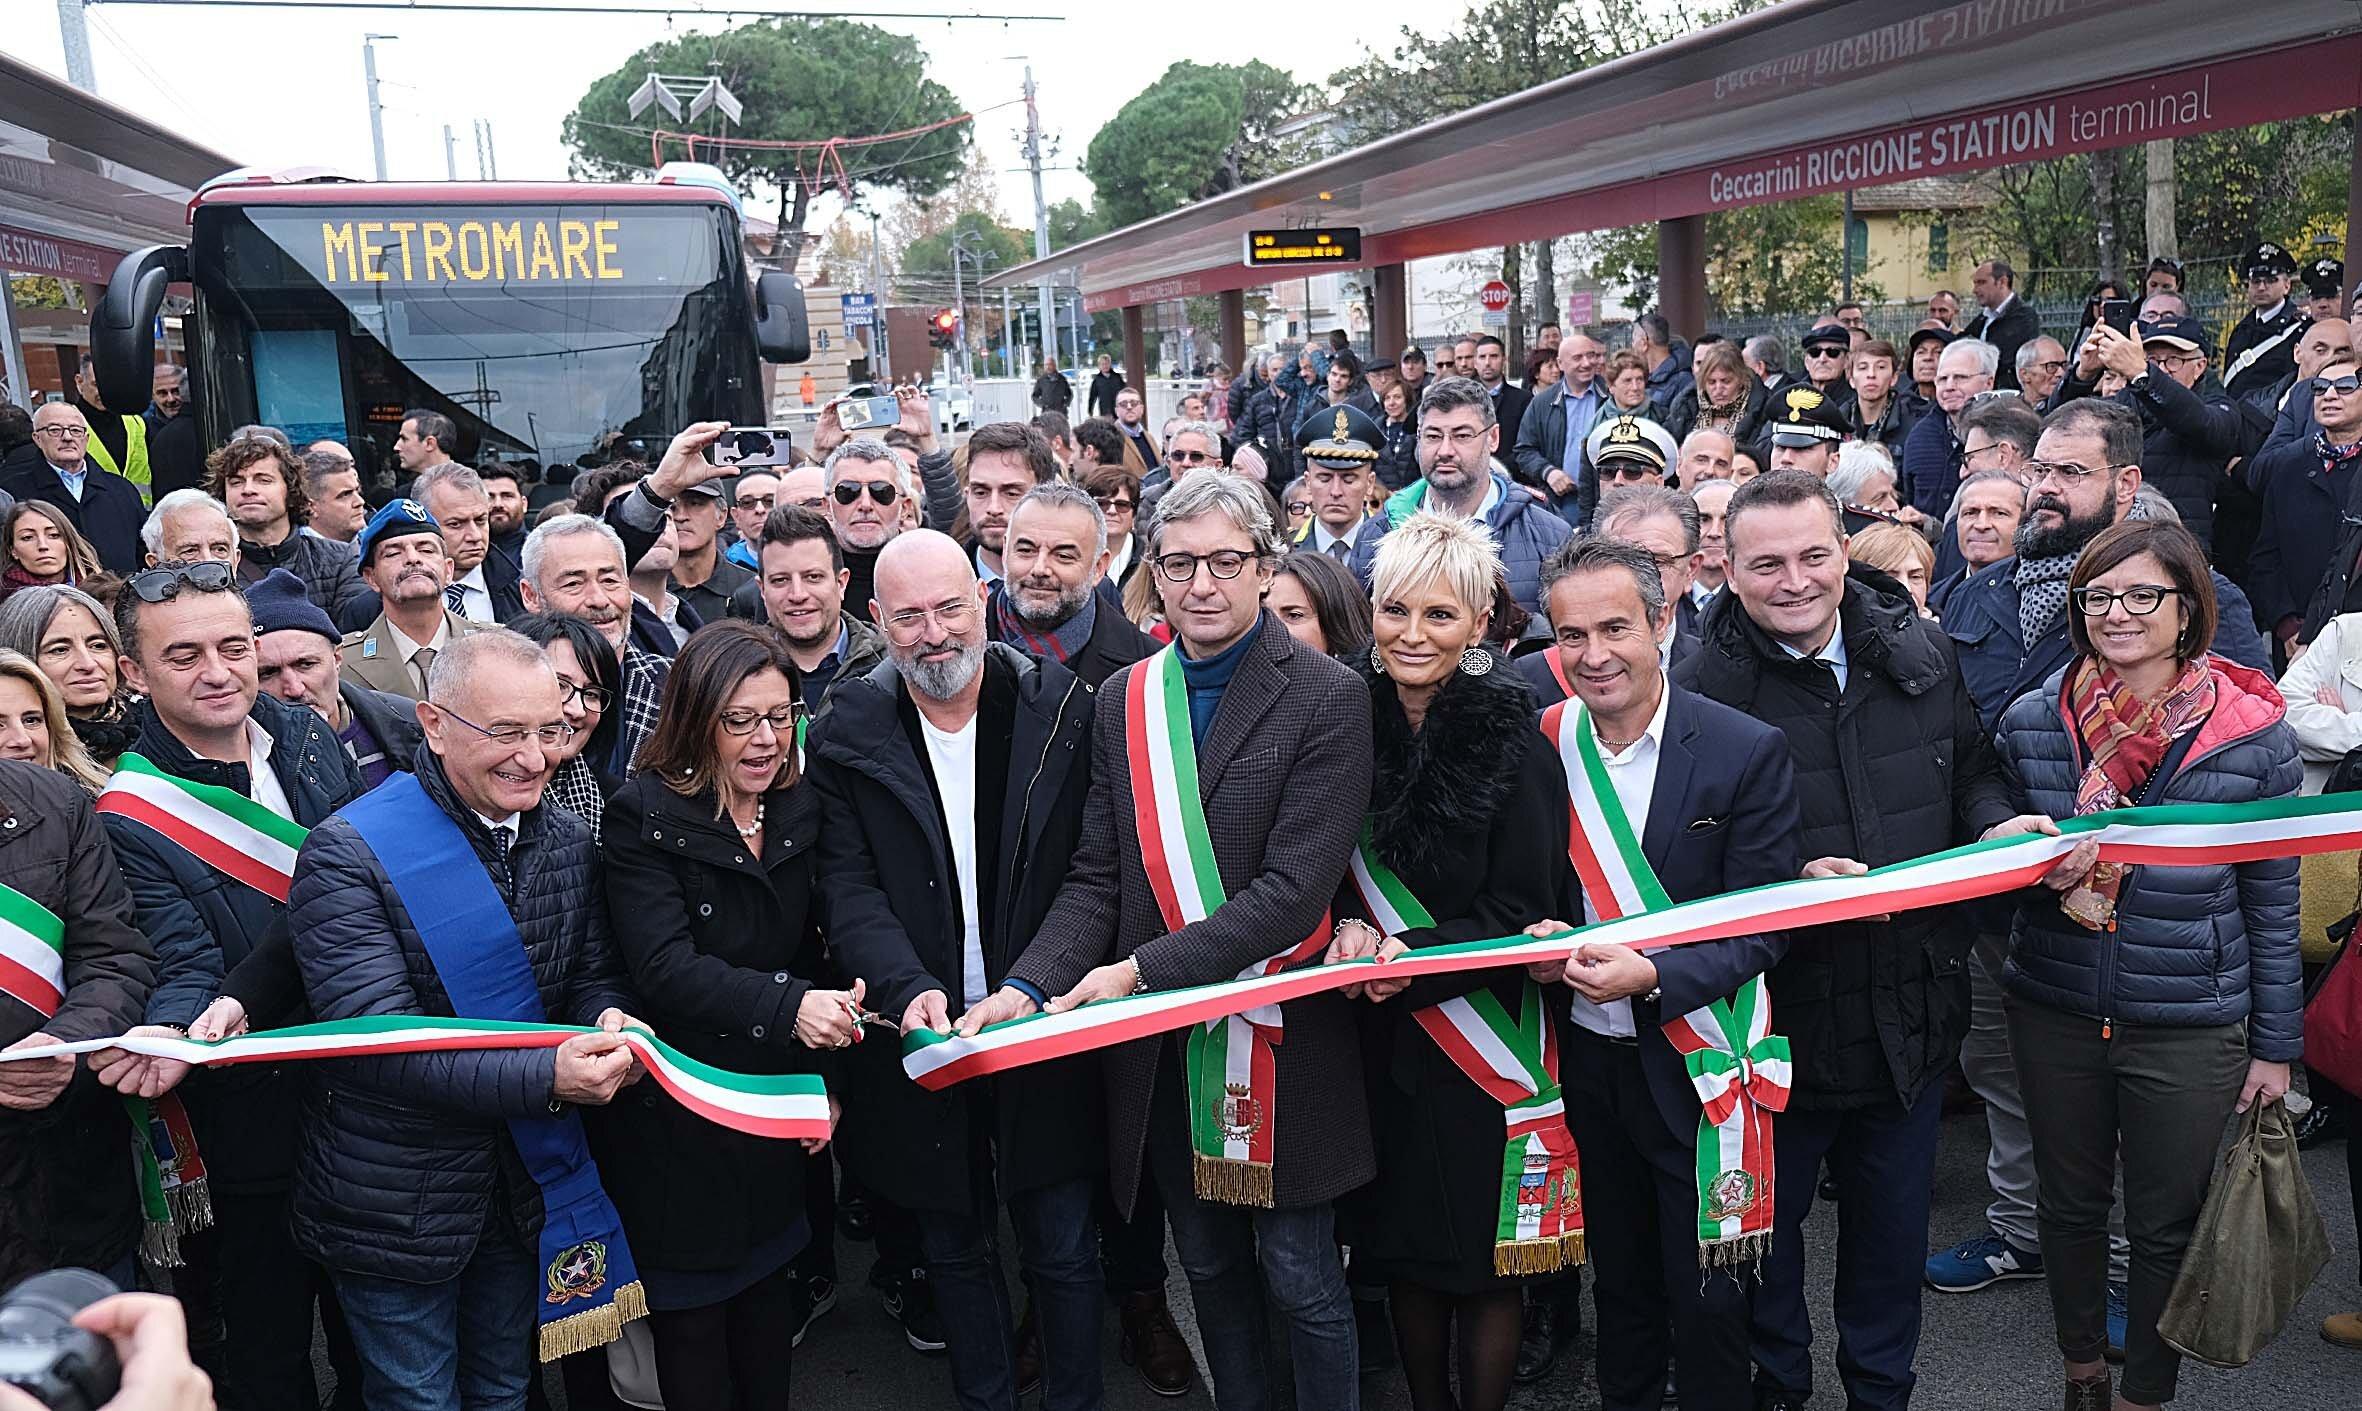 """Noi riccionesi: """"Il Metromare non arriverà mai a Cattolica"""""""